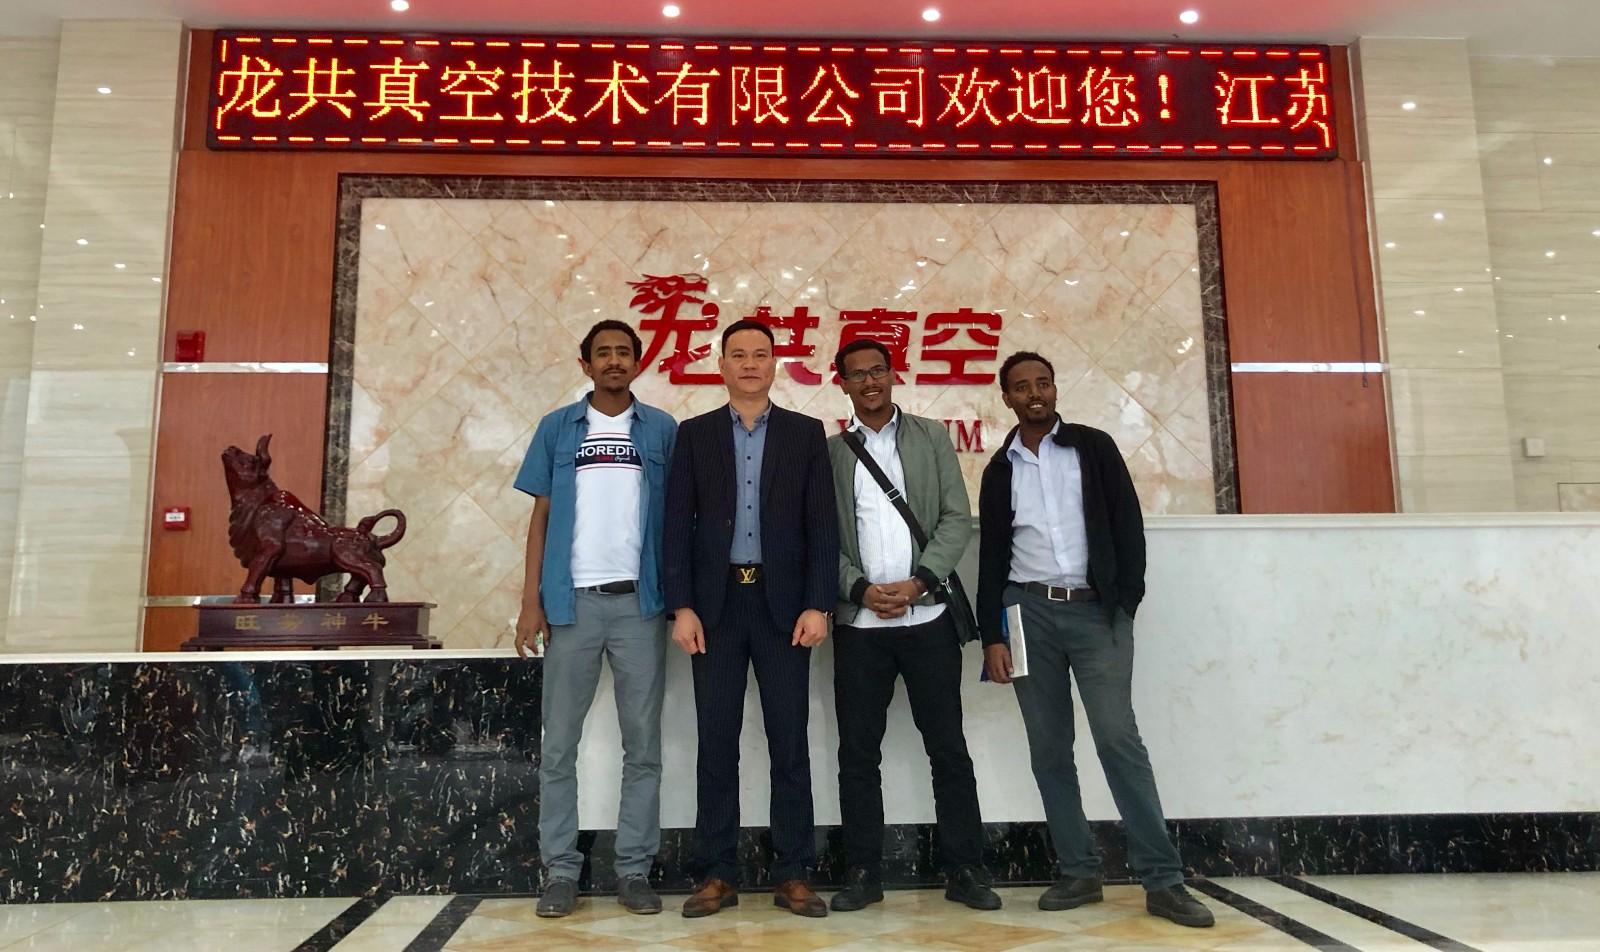 इथियोपिया के ग्राहकों